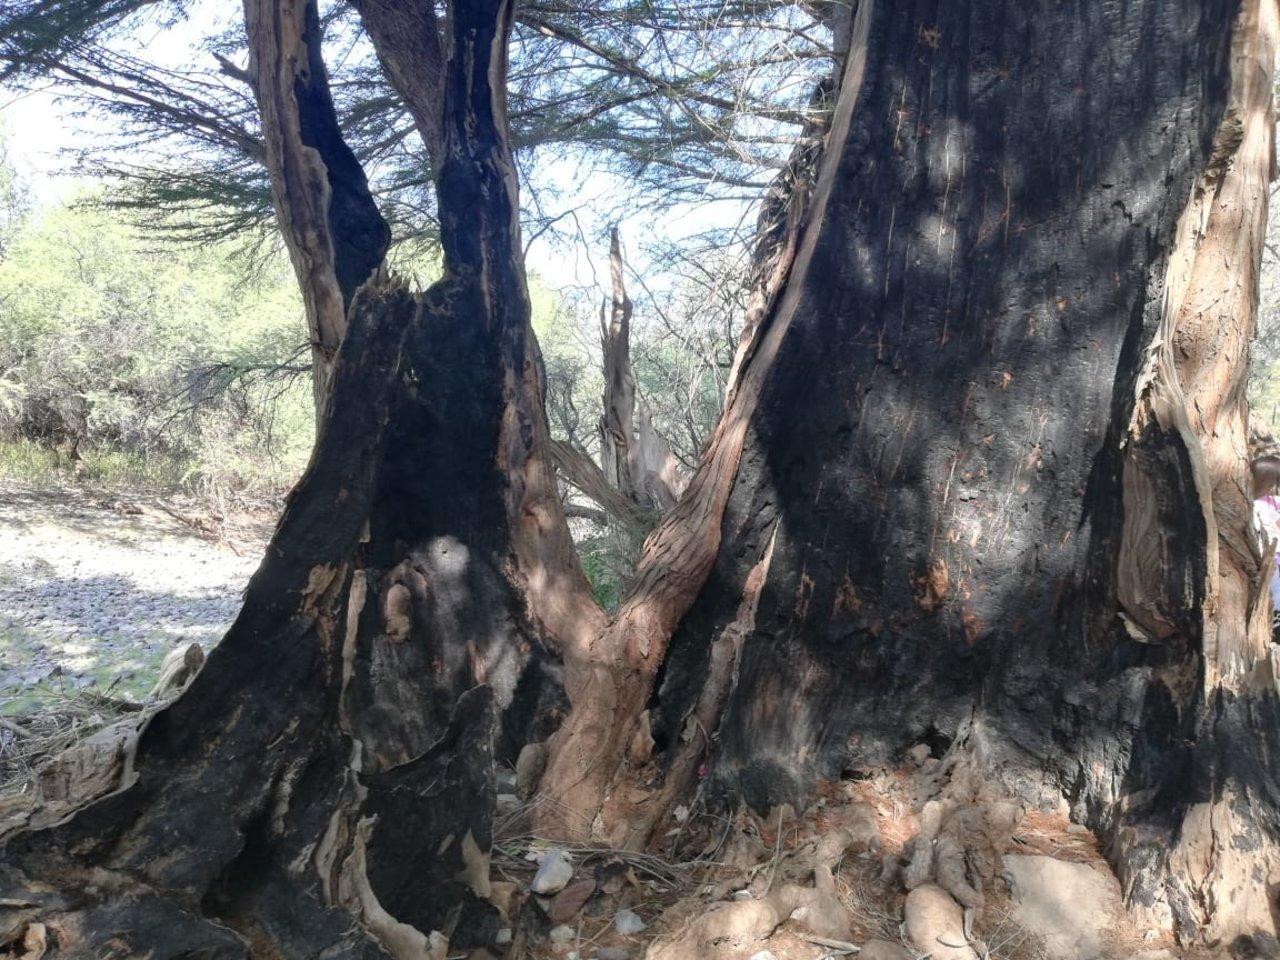 La huella desafortunada del hombre se puede ver en los árboles huecos por los incendios provocados por omisión o intencionalmente.